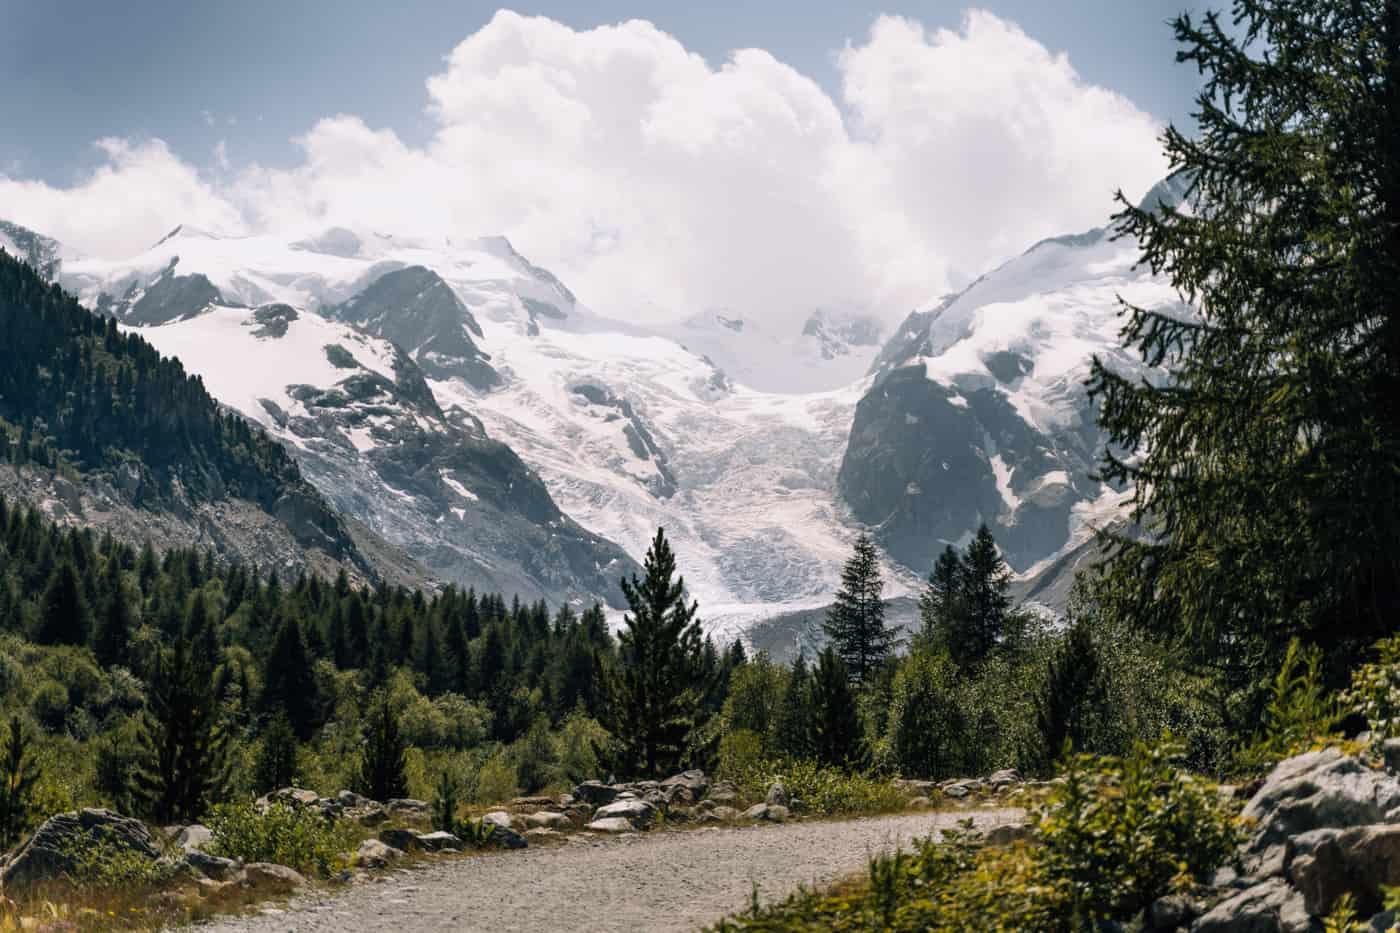 Wandern in Pontresina - 5 unvergessliche Bergtouren: Gletscherweg Morteratsch